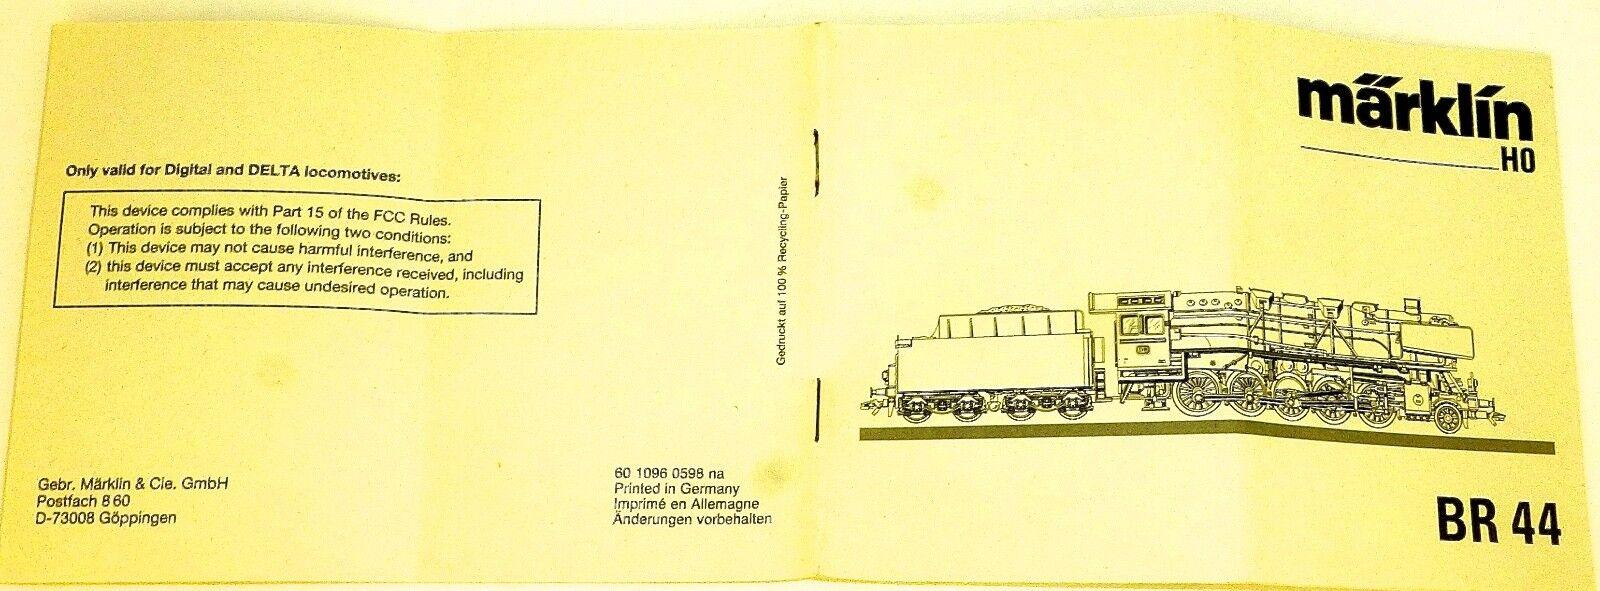 BR 44 Manual Märklin 60 1096 0598 NA H0 Å